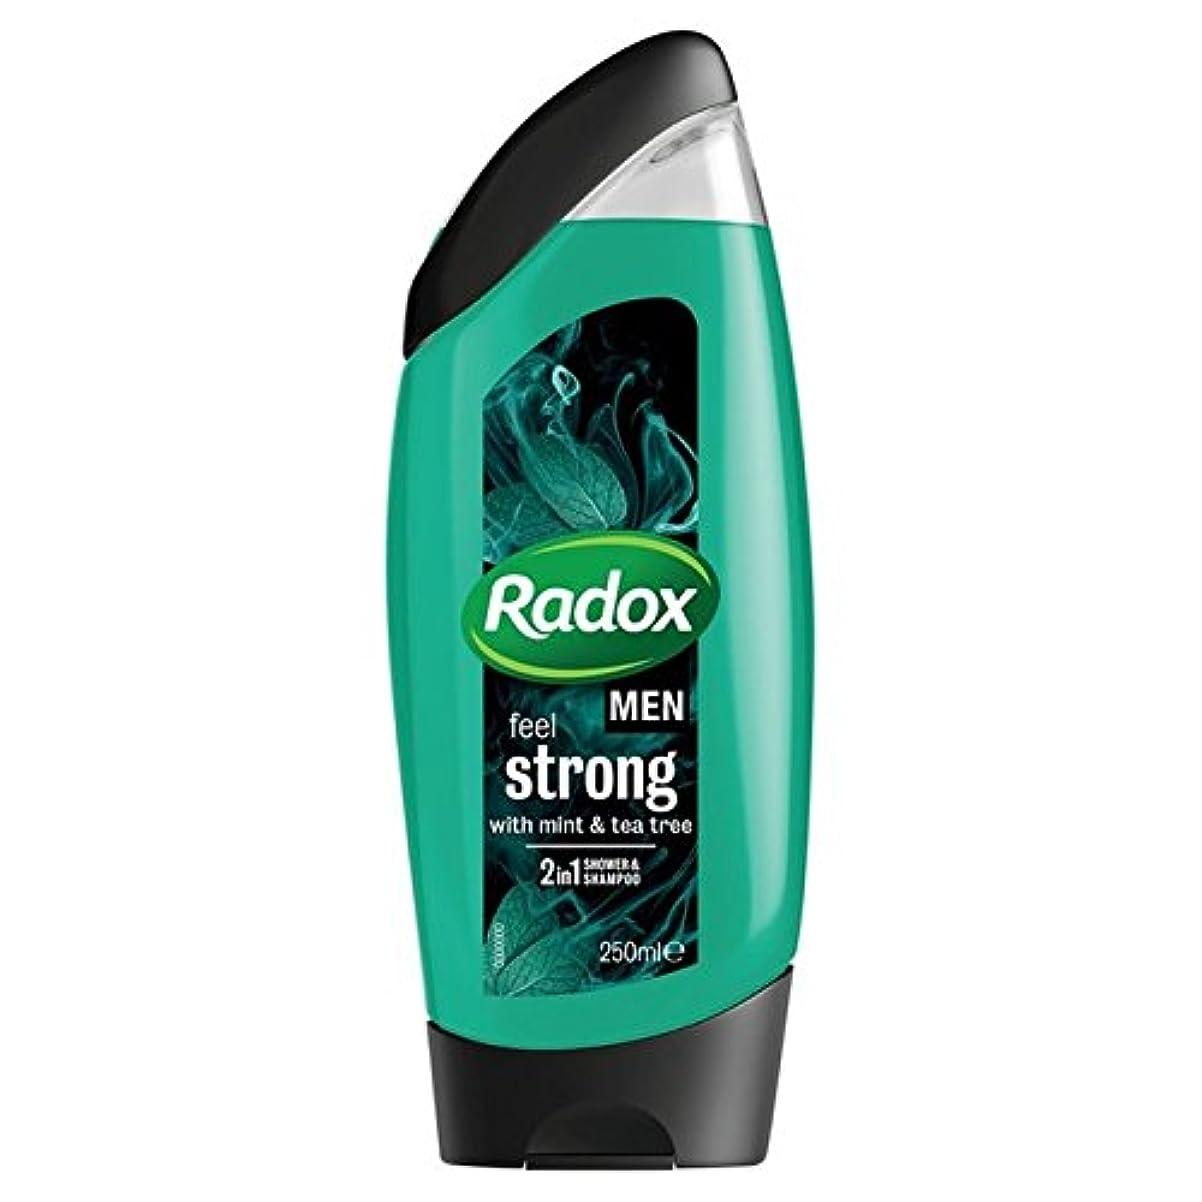 従者食事合図男性は、強力なミント&ティーツリーの21のシャワージェル250ミリリットルを感じます x2 - Radox Men Feel Strong Mint & Tea Tree 2in1 Shower Gel 250ml (Pack of 2) [並行輸入品]